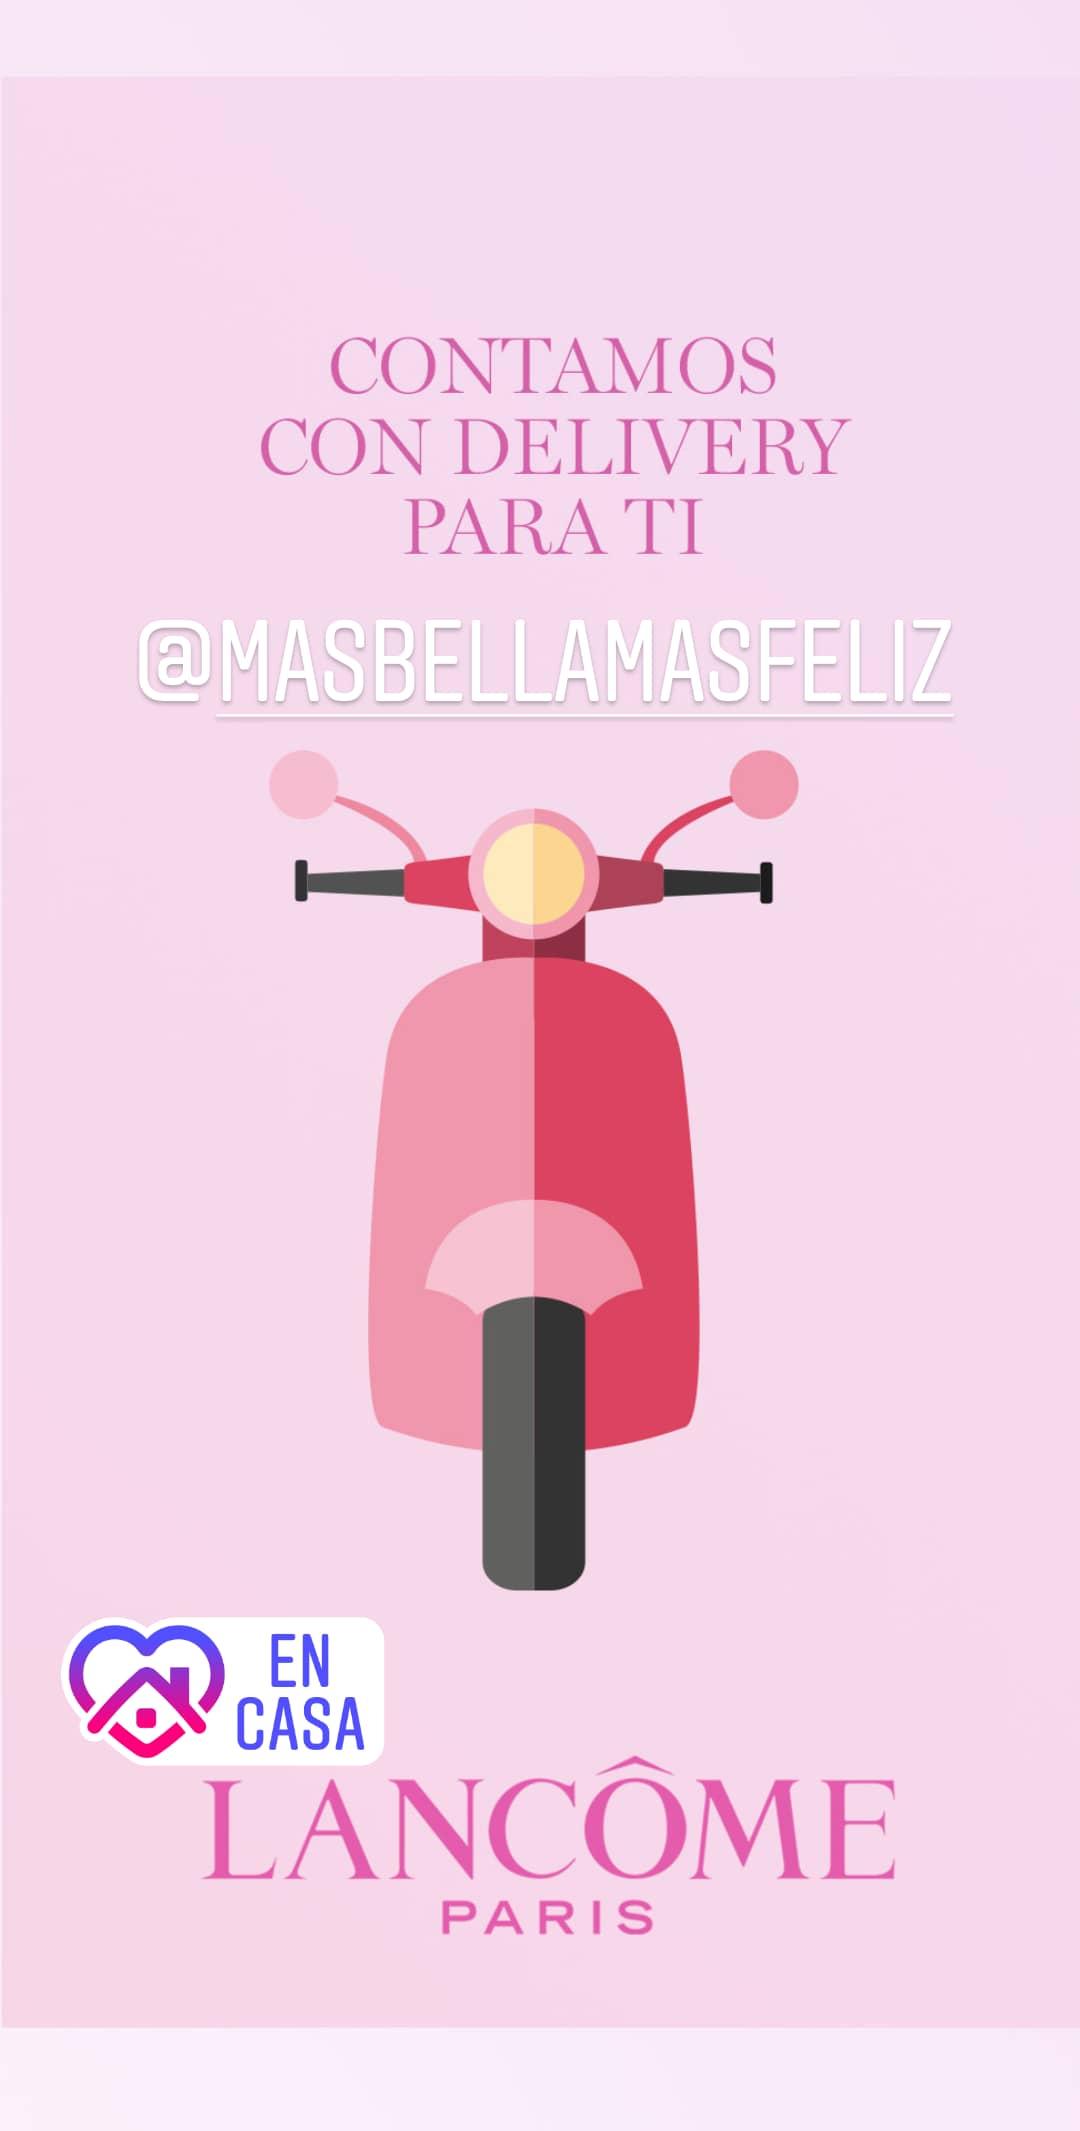 A través de @masbellamasfeliz Lancôme Paris cuenta con Delivery para estar más cerca de ti